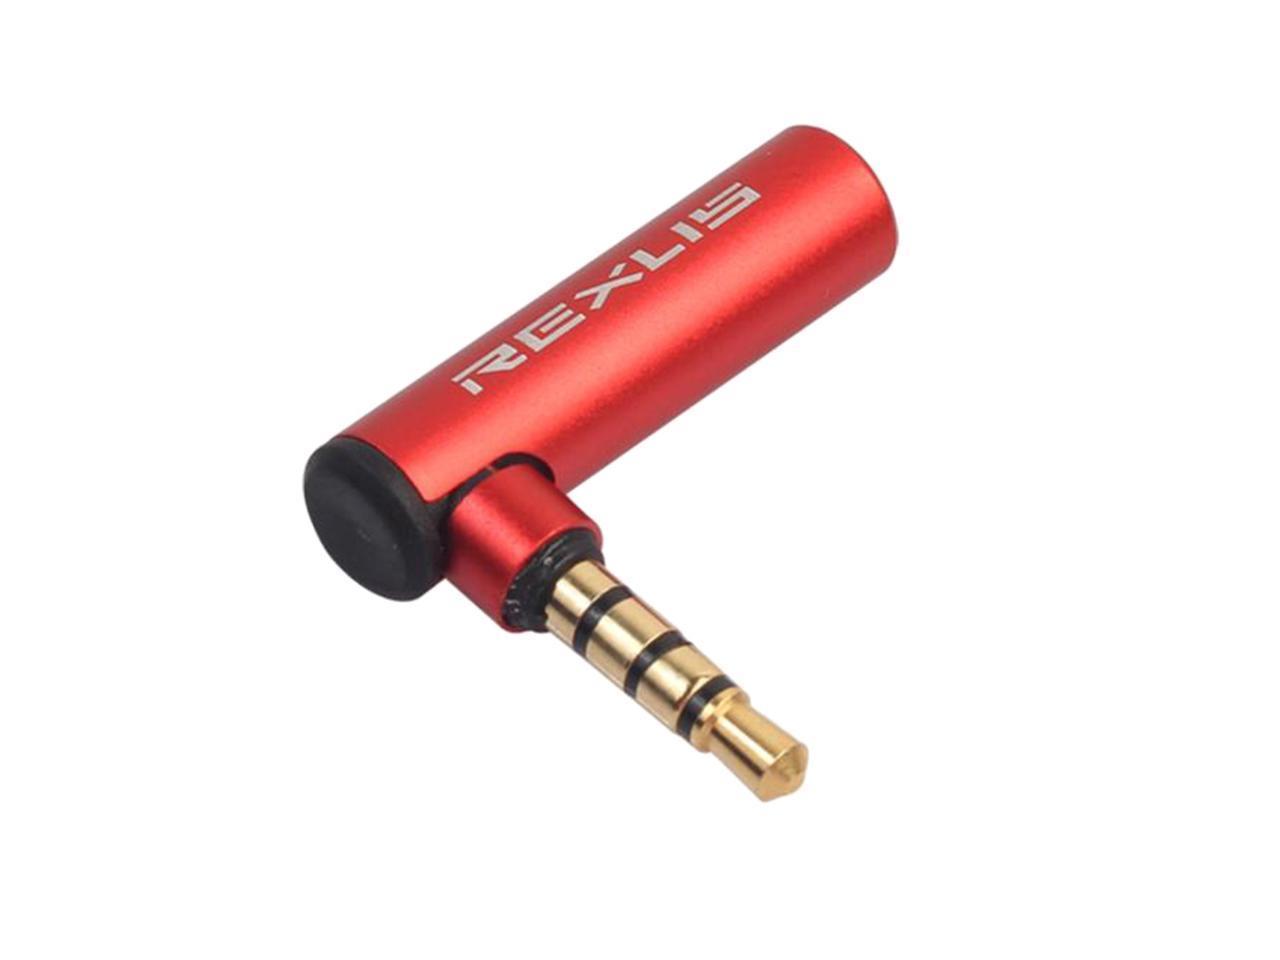 5 x Universal 3,5 mm OMTP zu CTIA Kopfhörer Konverter Adapter 3,5 mm